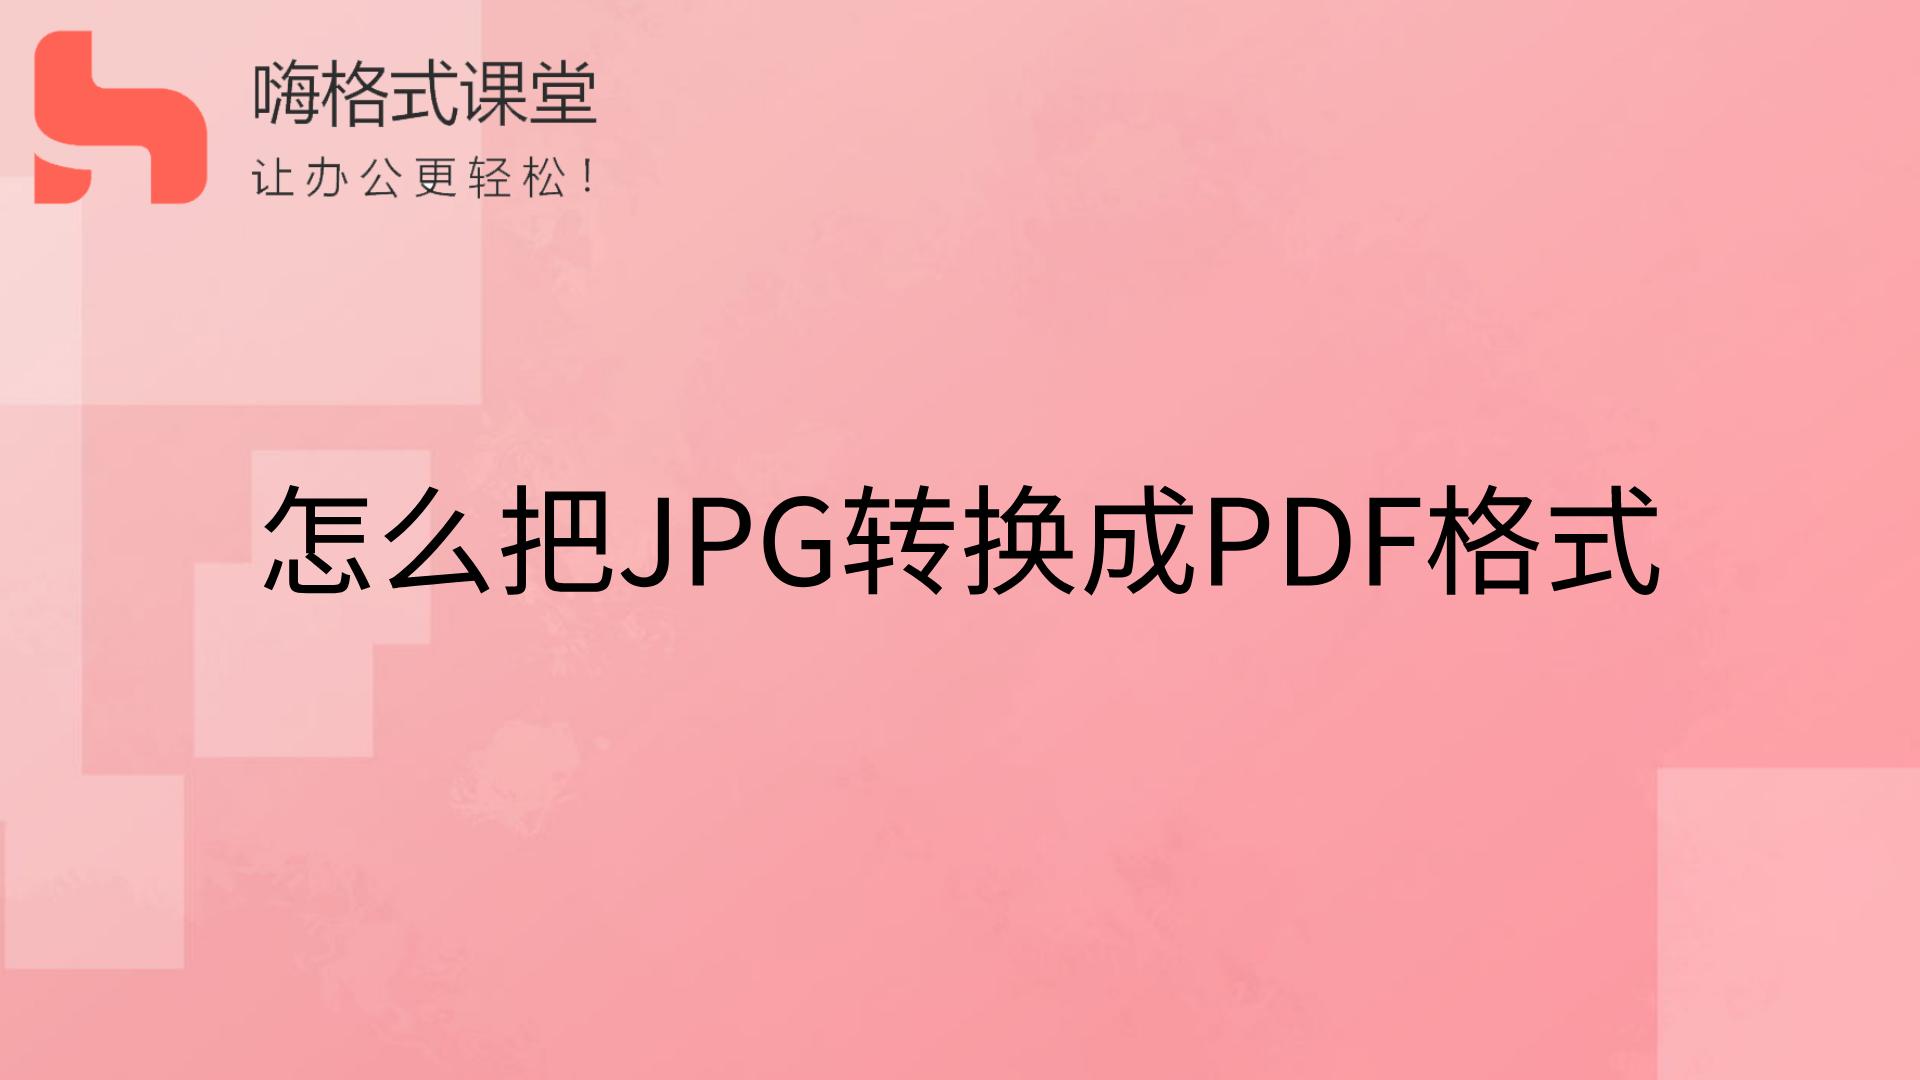 怎么把JPG转换成PDF格式s